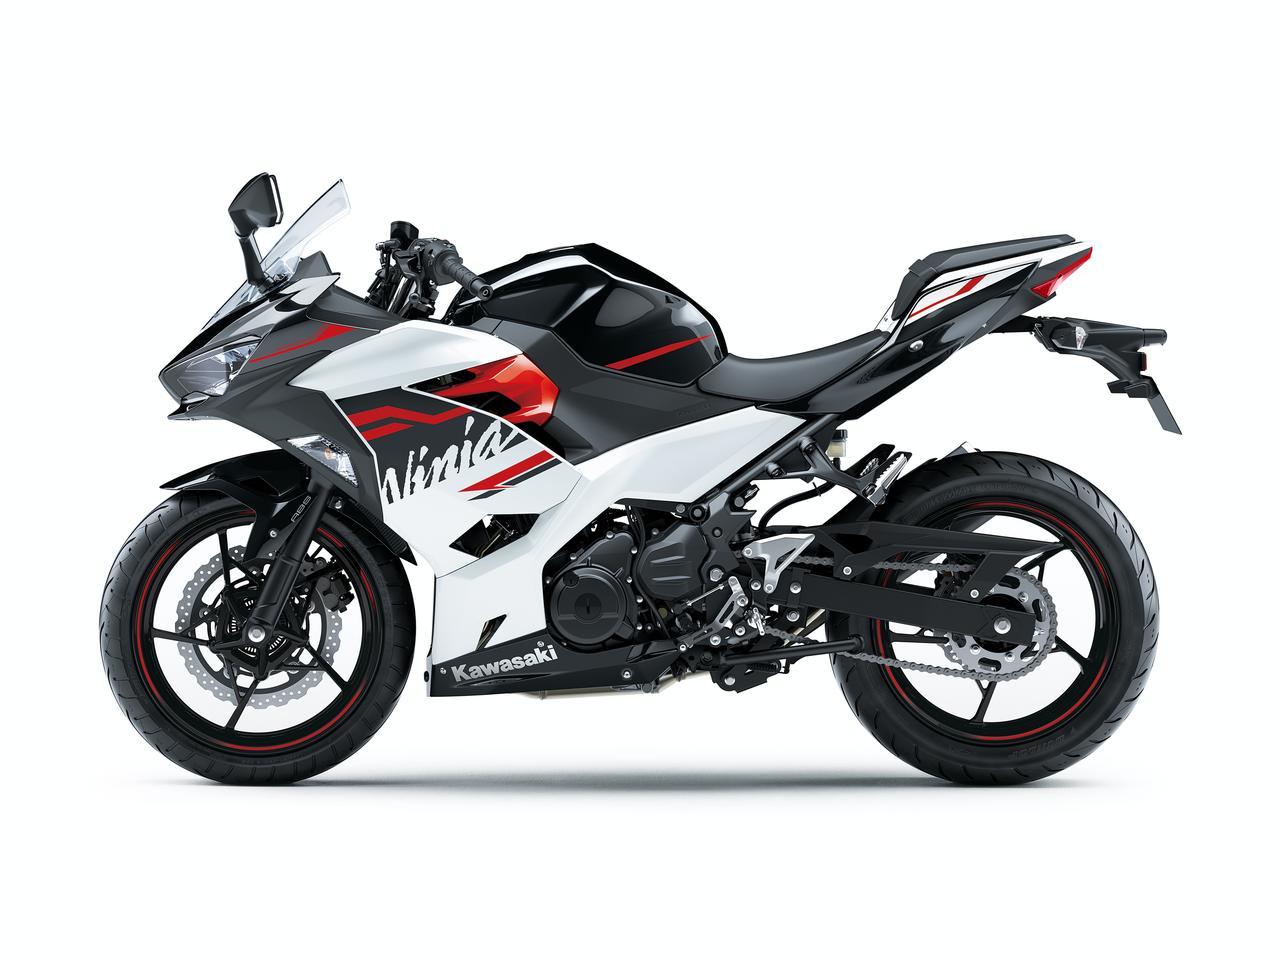 画像5: カワサキ「Ninja250」の2020年モデルは、Ninja400とそっくり!「Ninja 250 KRT EDITION」も合わせて9月1日(日)に発売!